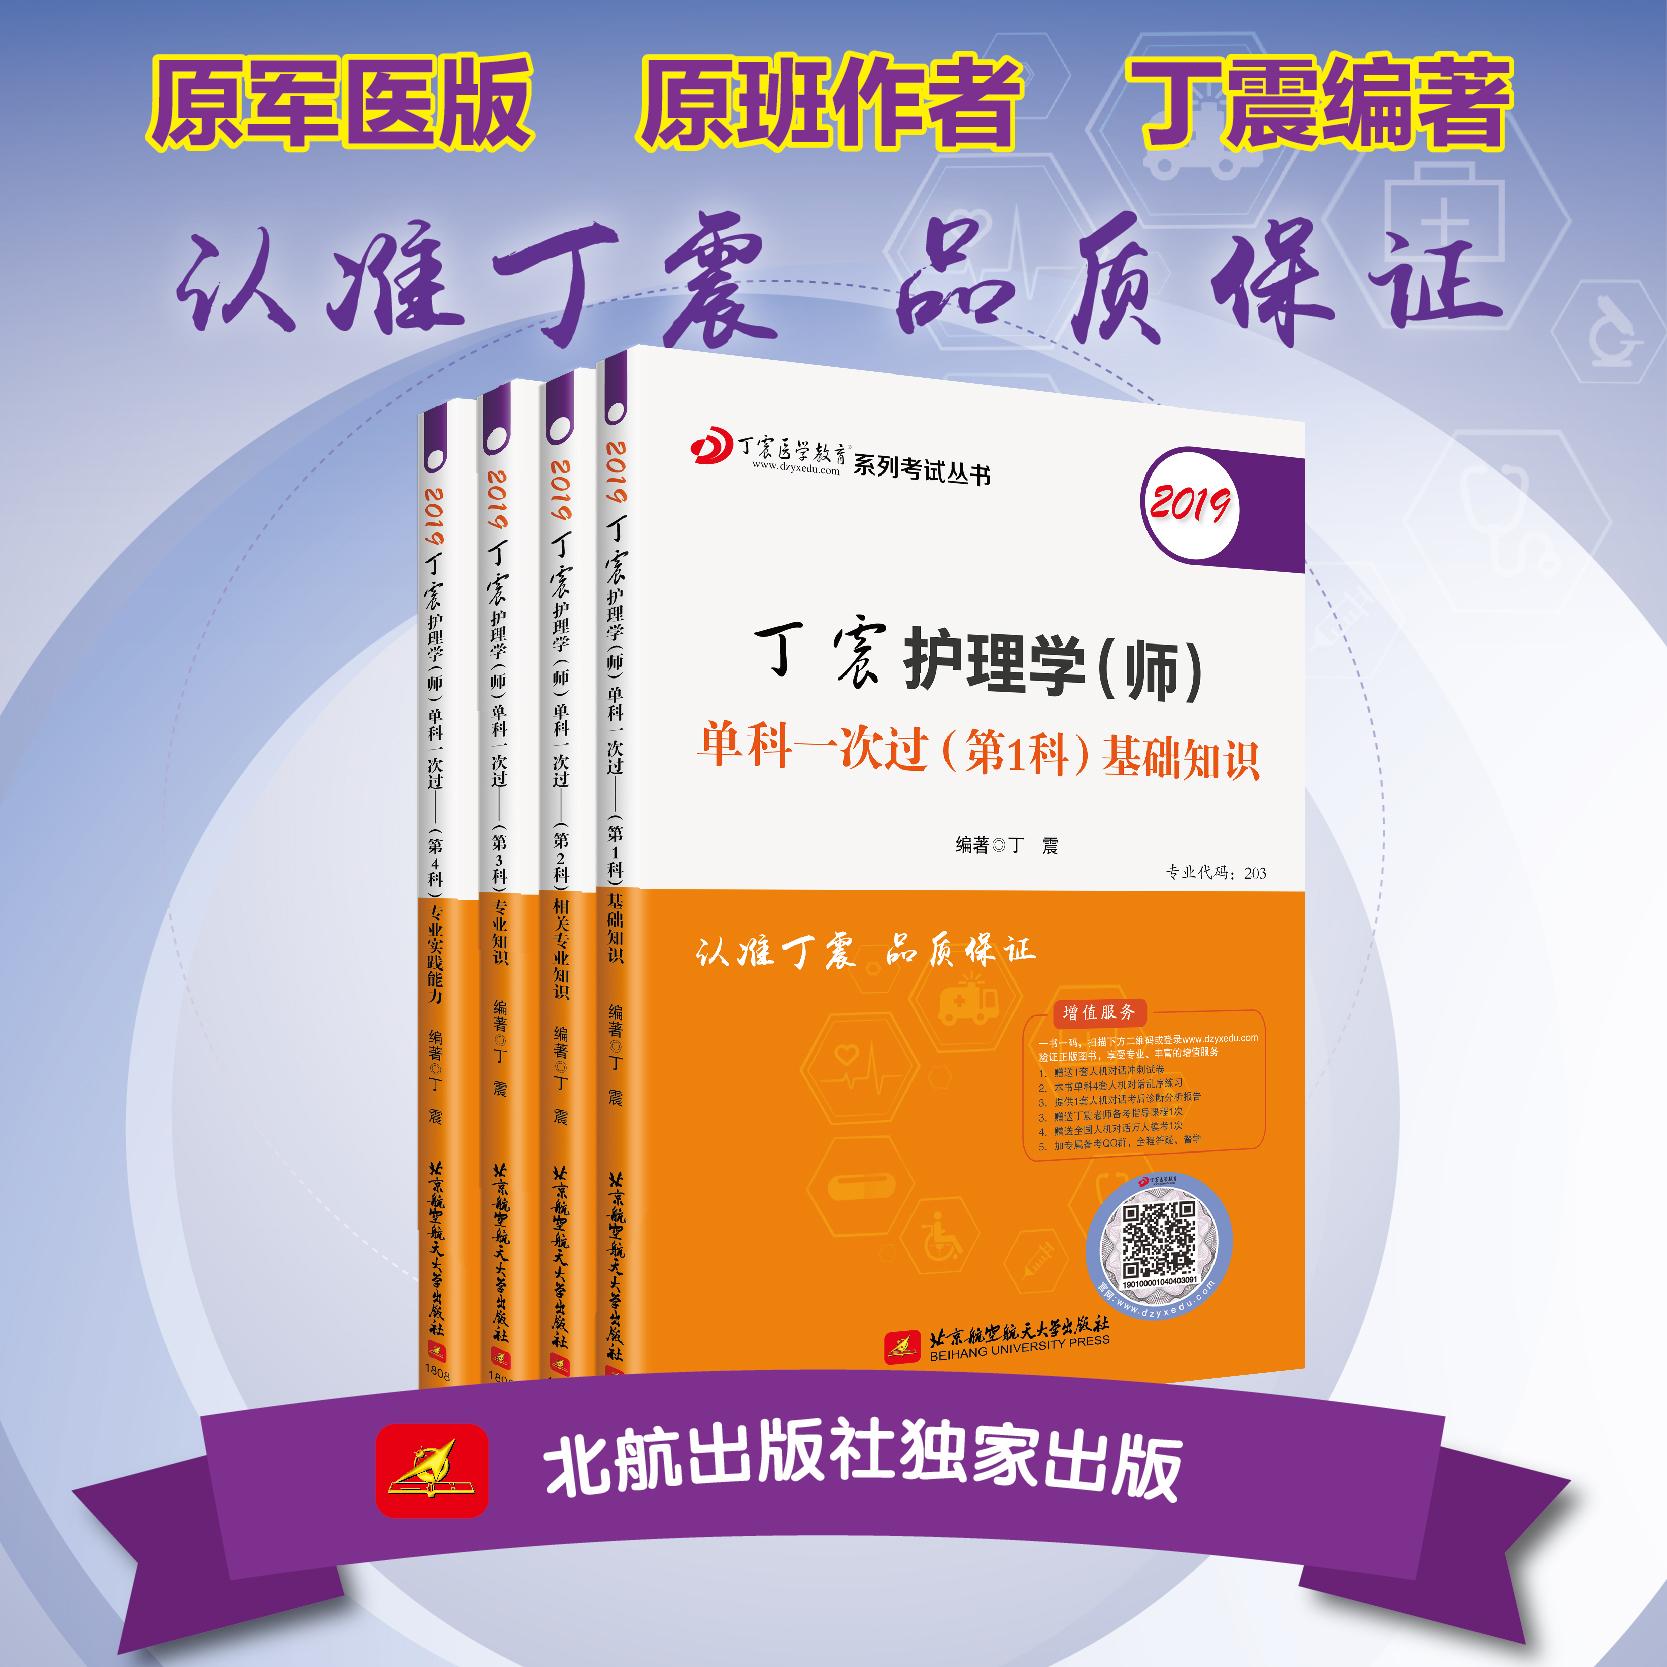 2019丁震护理学(师)单科一次过(第 3科)专业知识